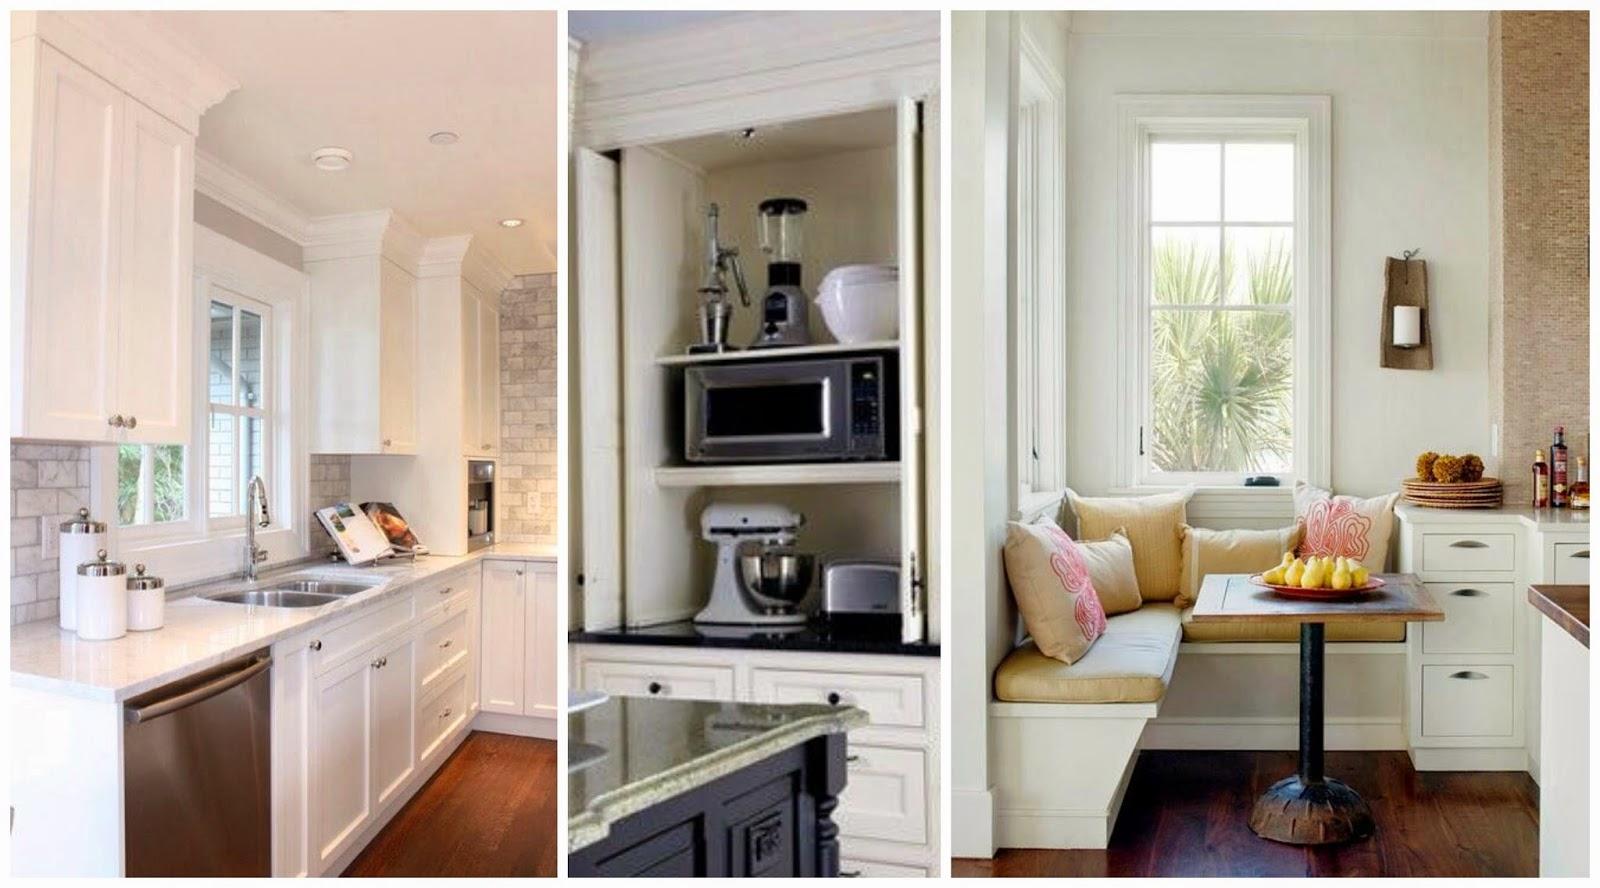 Koffiemachine De Keuken : Inspiratie keuken u2013 veggielista